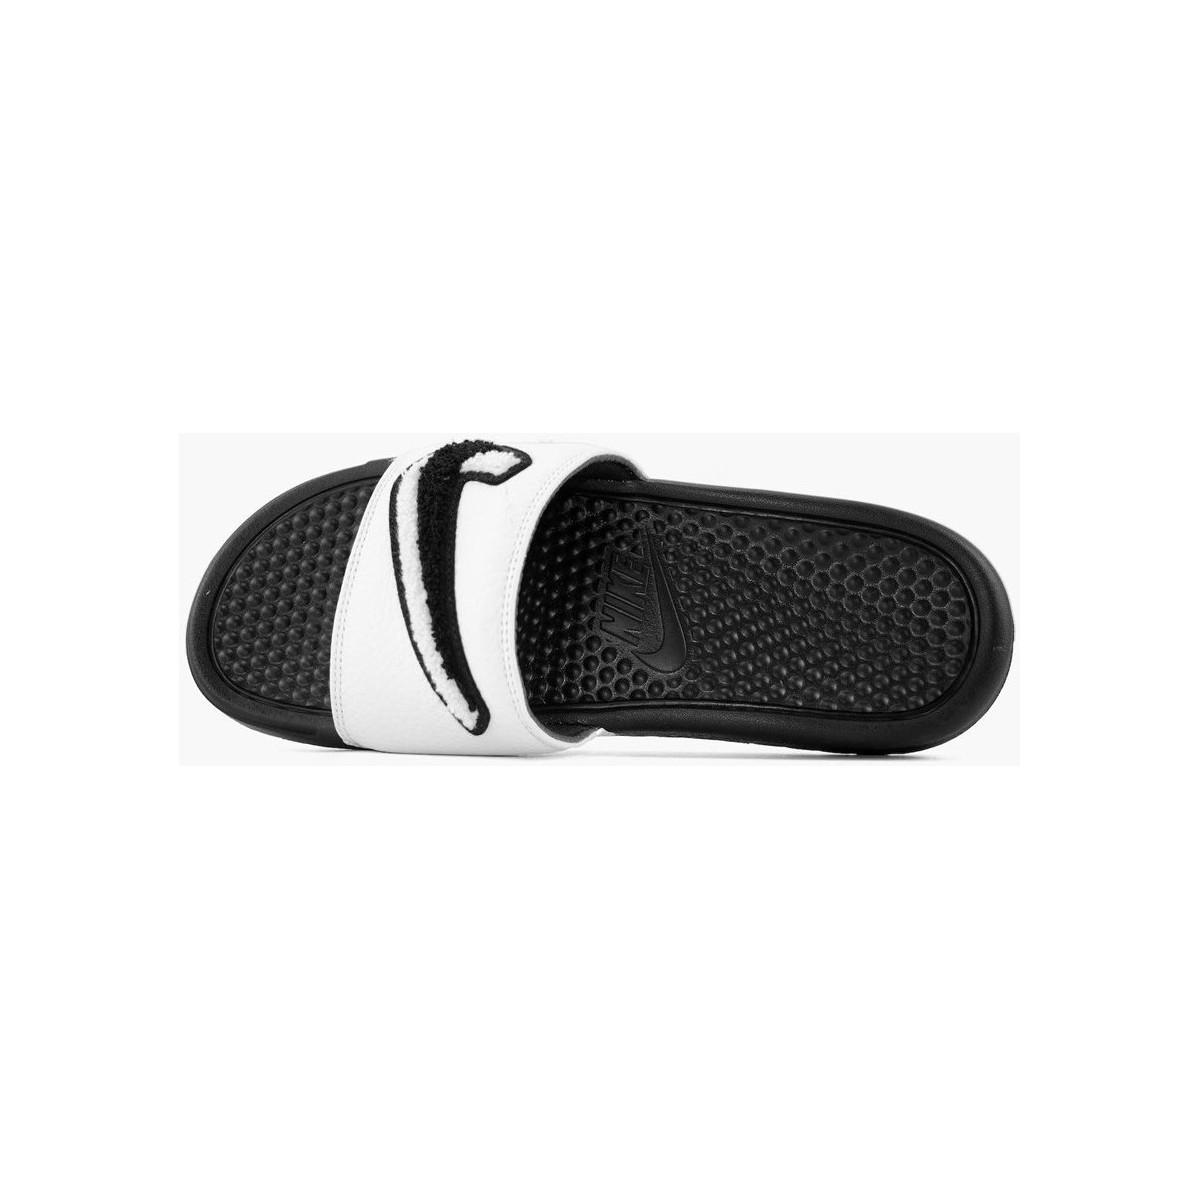 342a752e1fcf Nike - Black Benassi Just Do It Men s In Multicolour for Men - Lyst. View  fullscreen